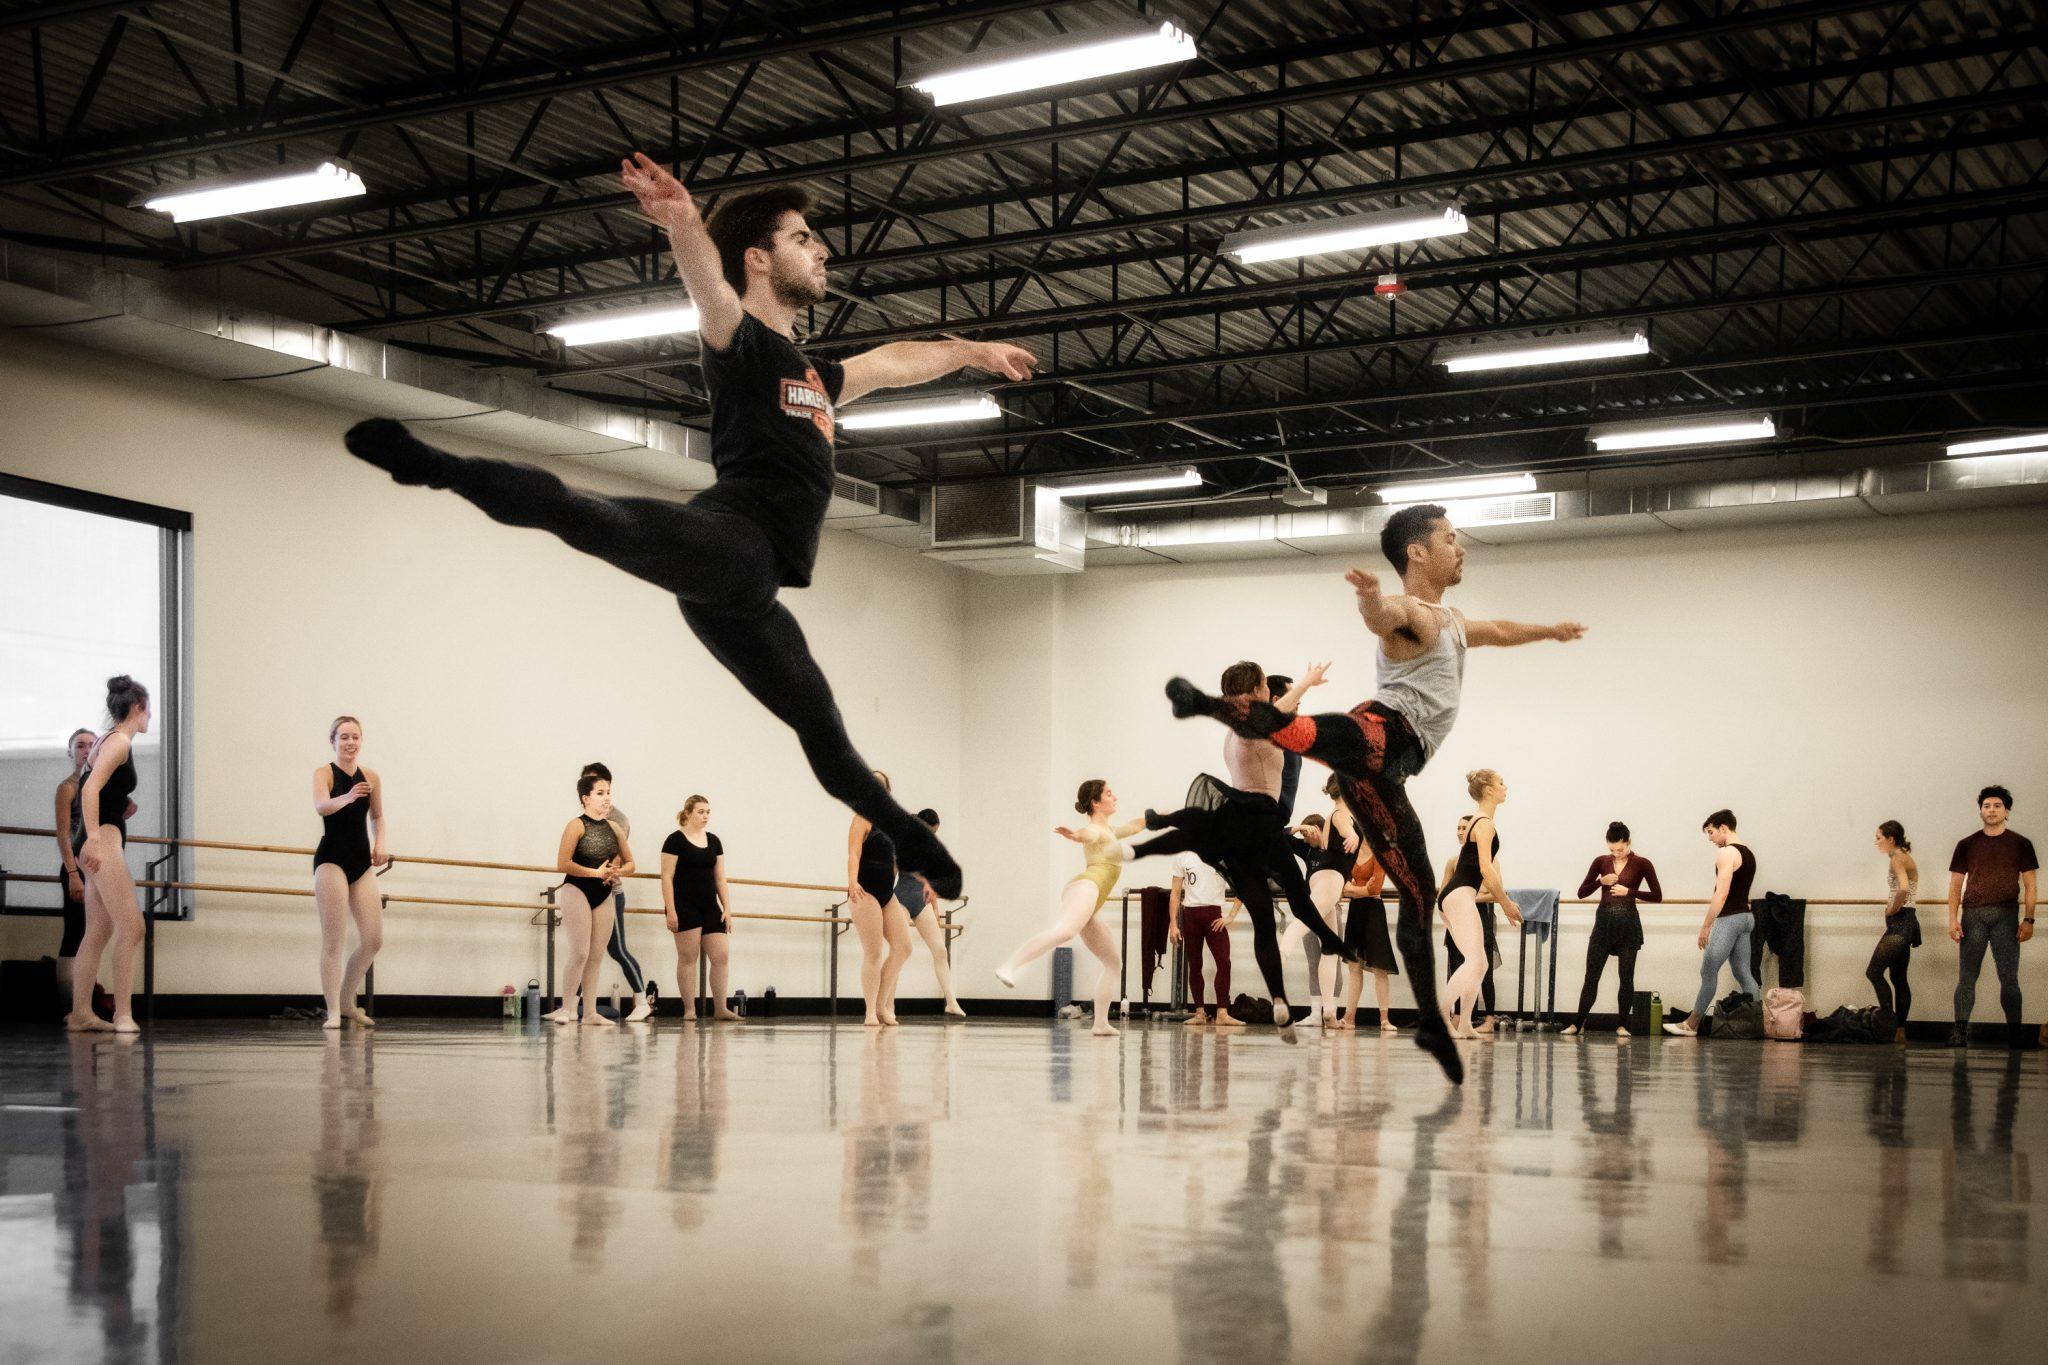 Ballet dancers practice in studio